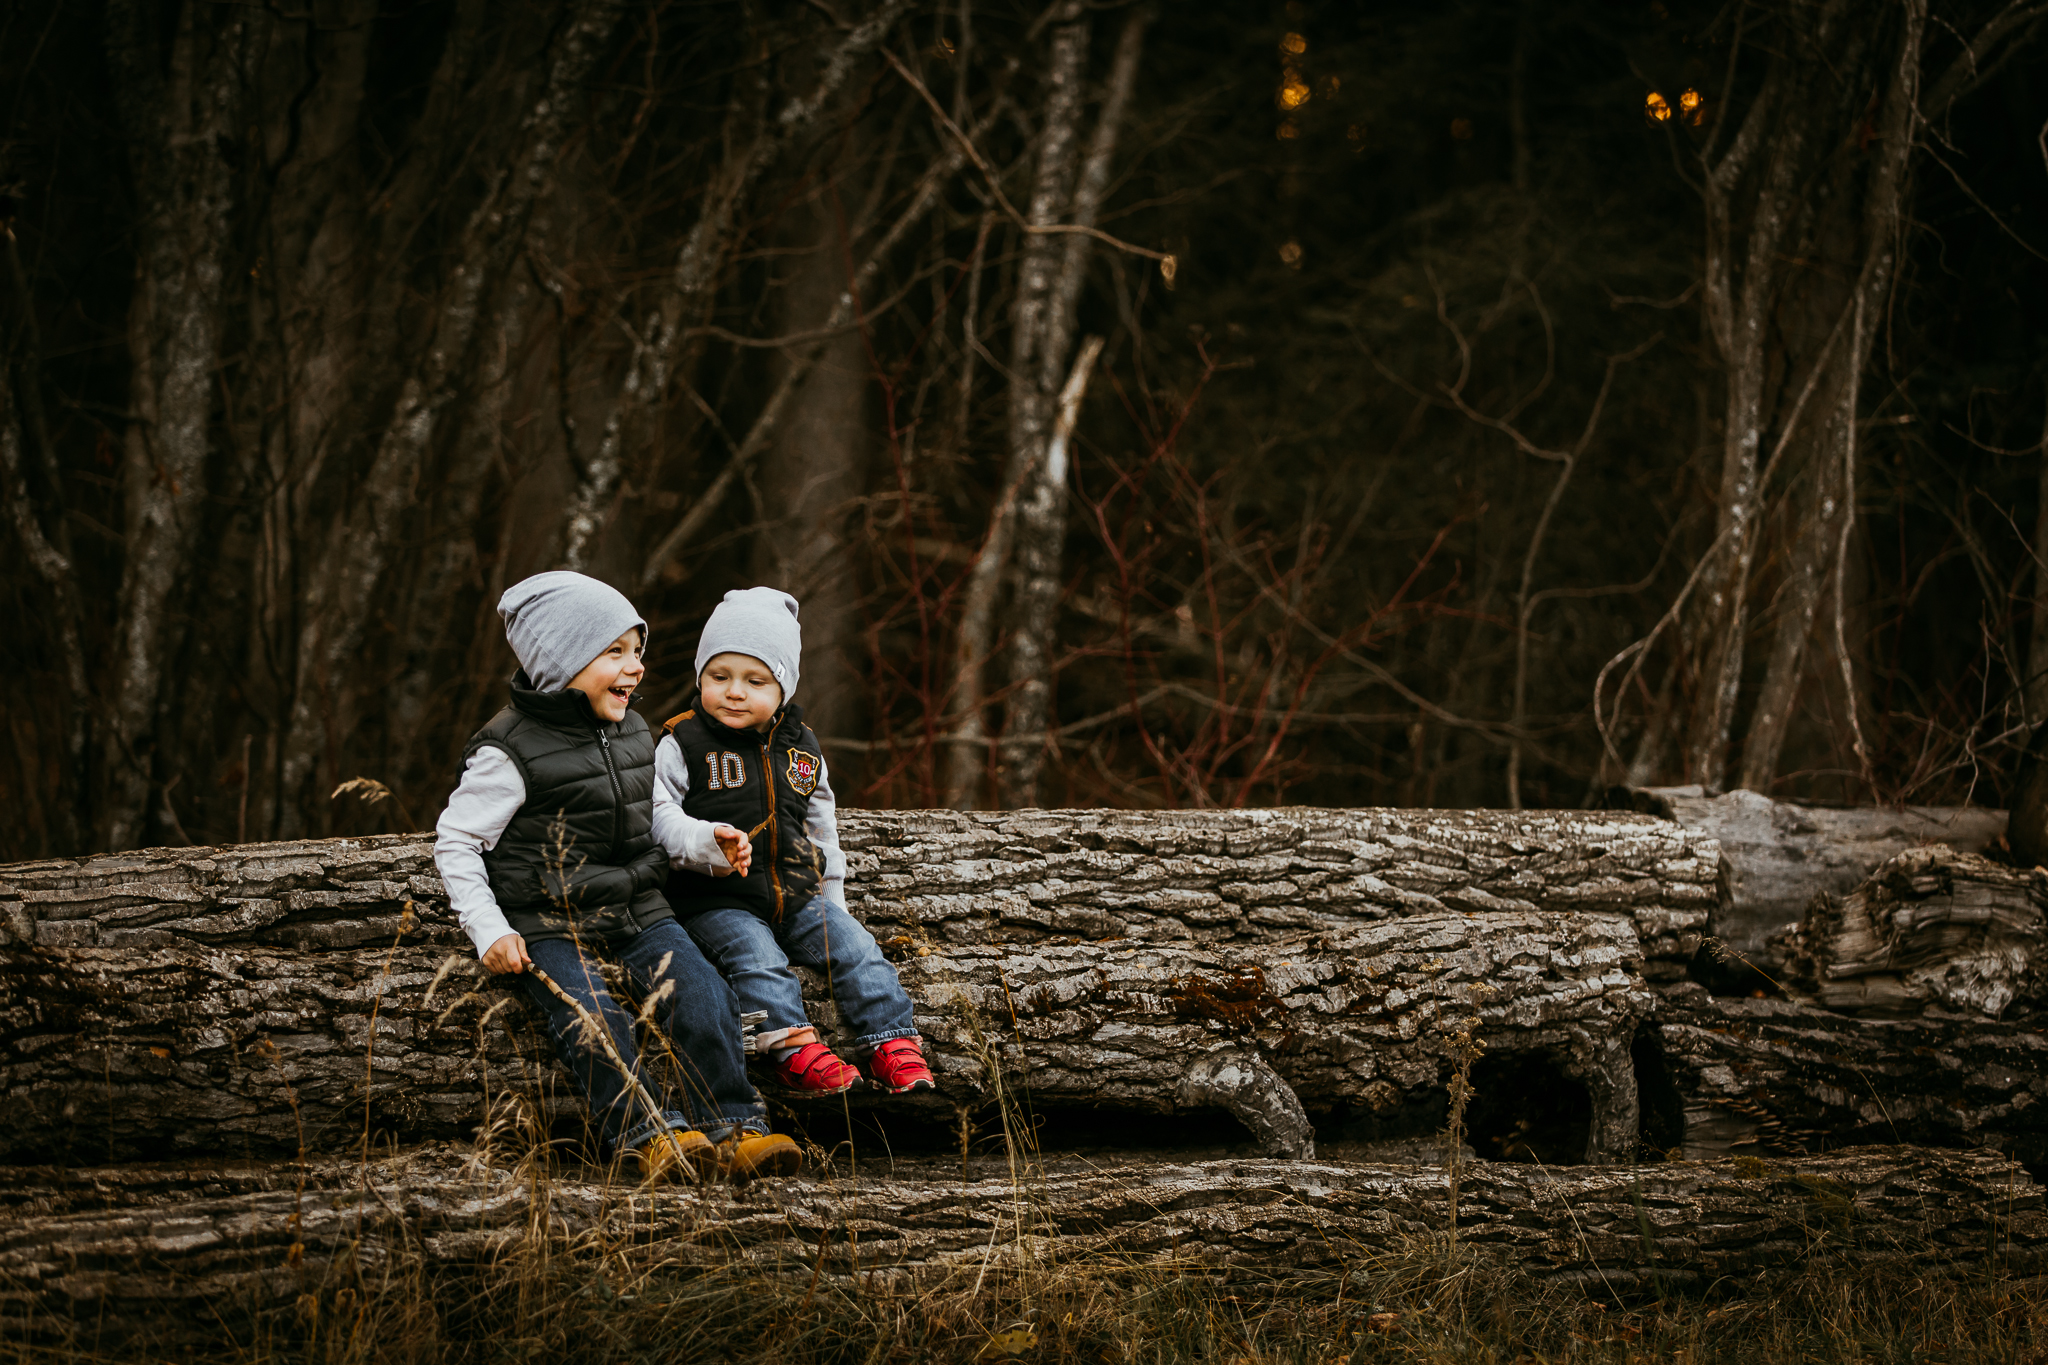 Alina-Joy-Photography-Cold-Lake-Lifestyle-Photographer-2-19.jpg